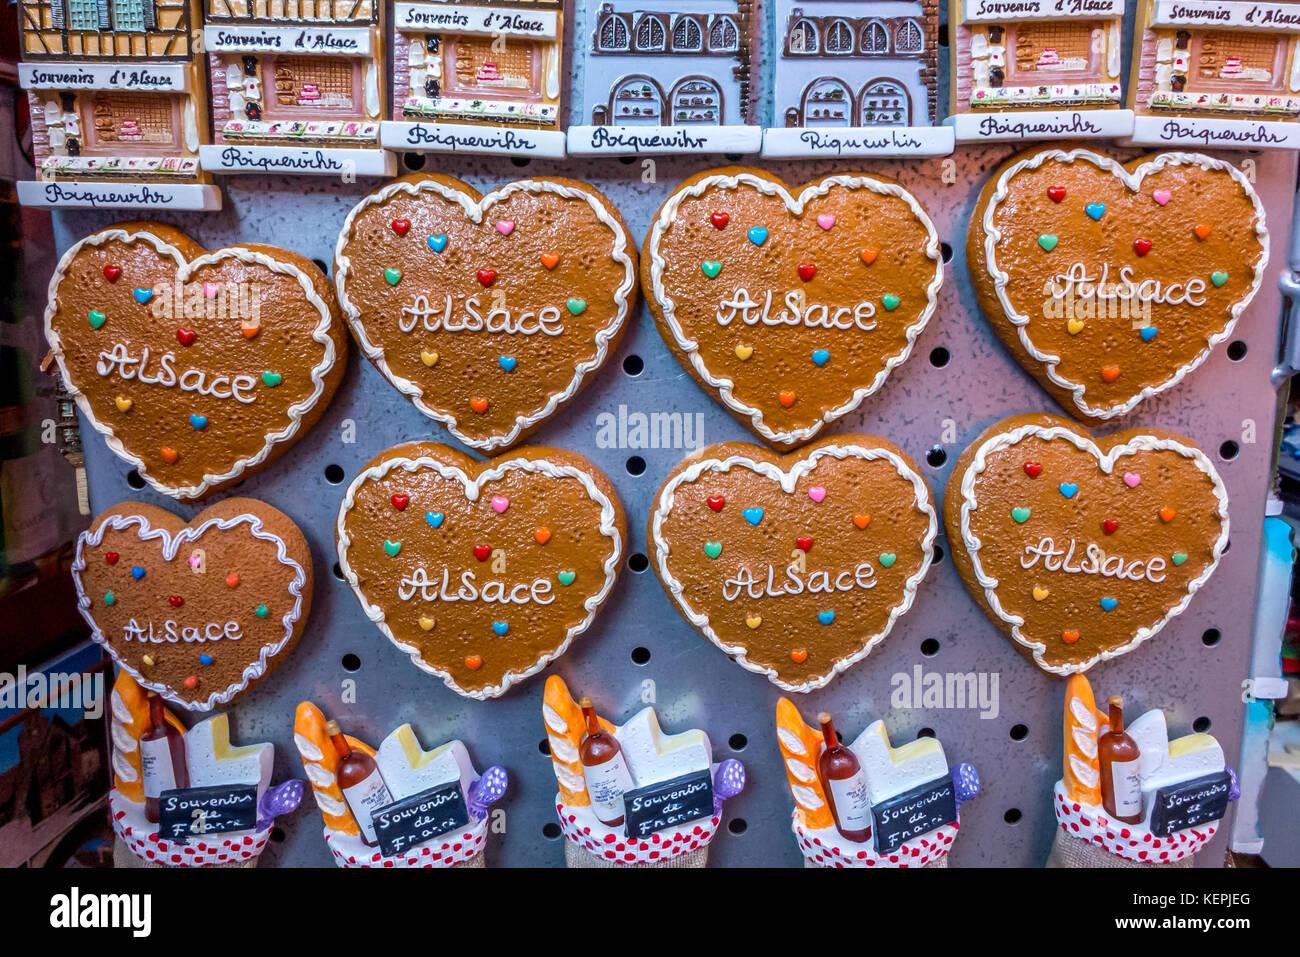 ART PRINT POSTER ADVERT FOOD CHOCOLATE FRIGOR POLAR BEAR PARIS FRANCE NOFL1646